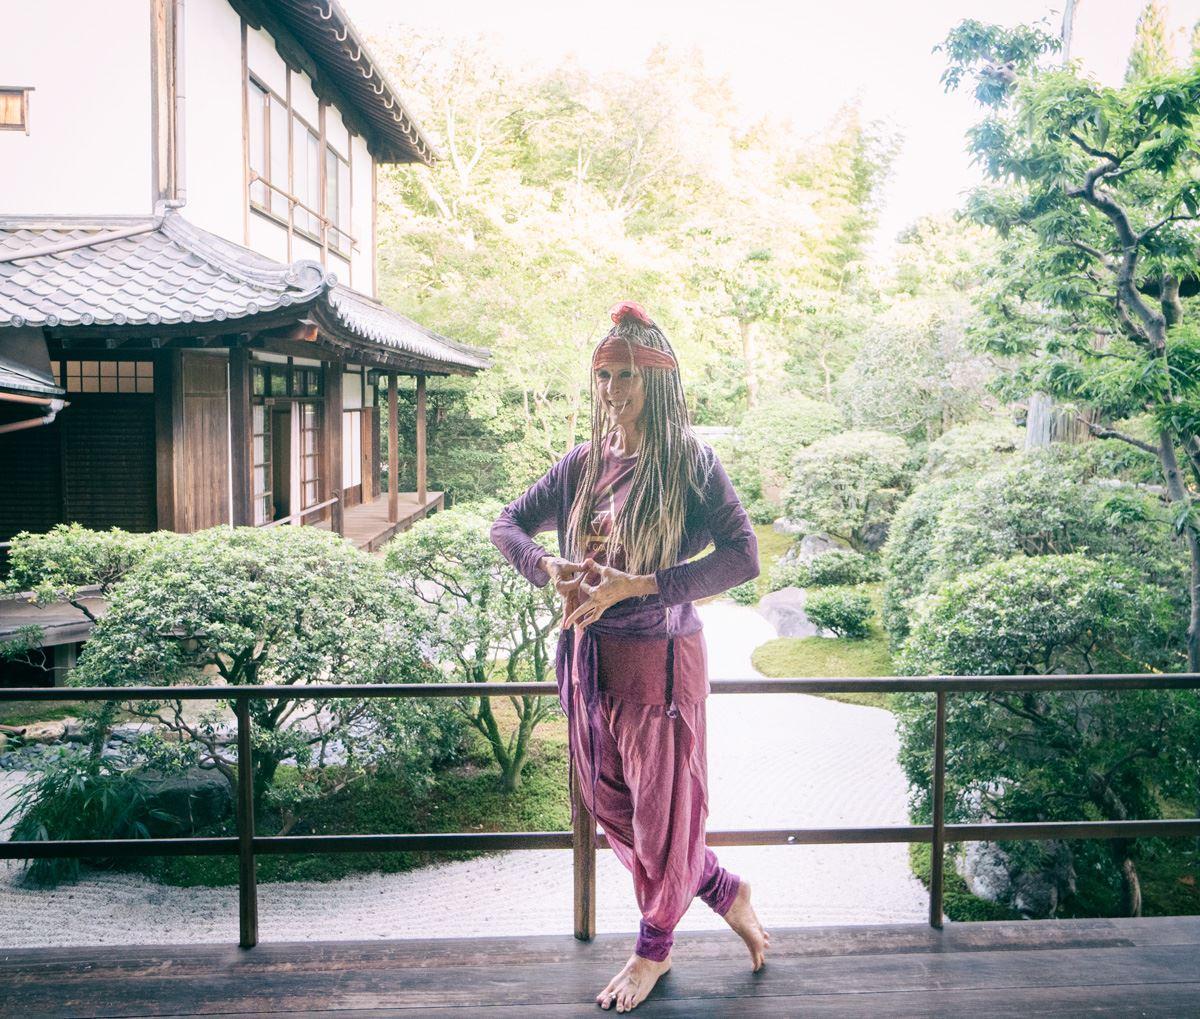 KJI_Japan_garden